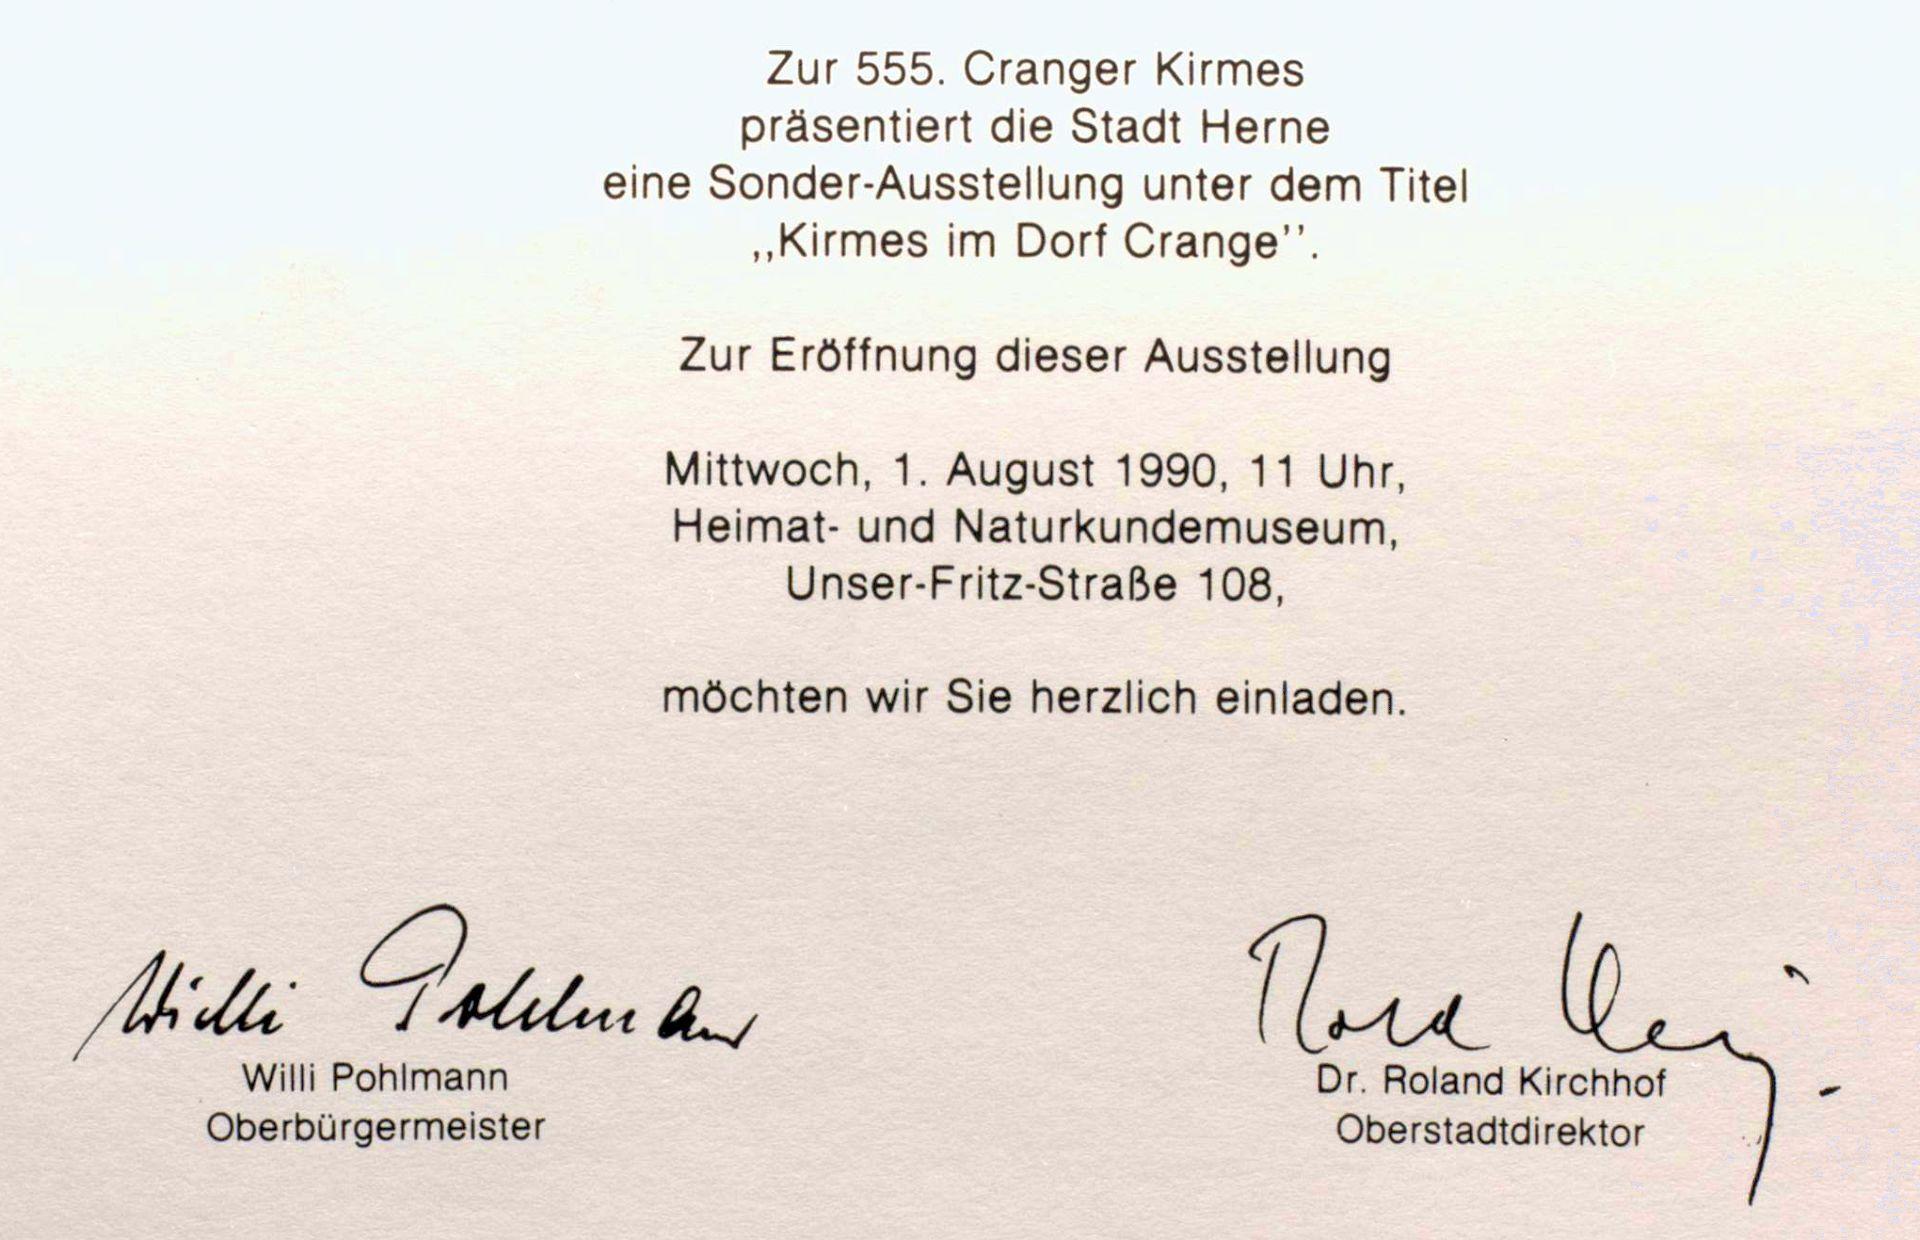 Einladung zurr Sonderausstellung 'Kirmes im Dorf Crange', 1990.jpg